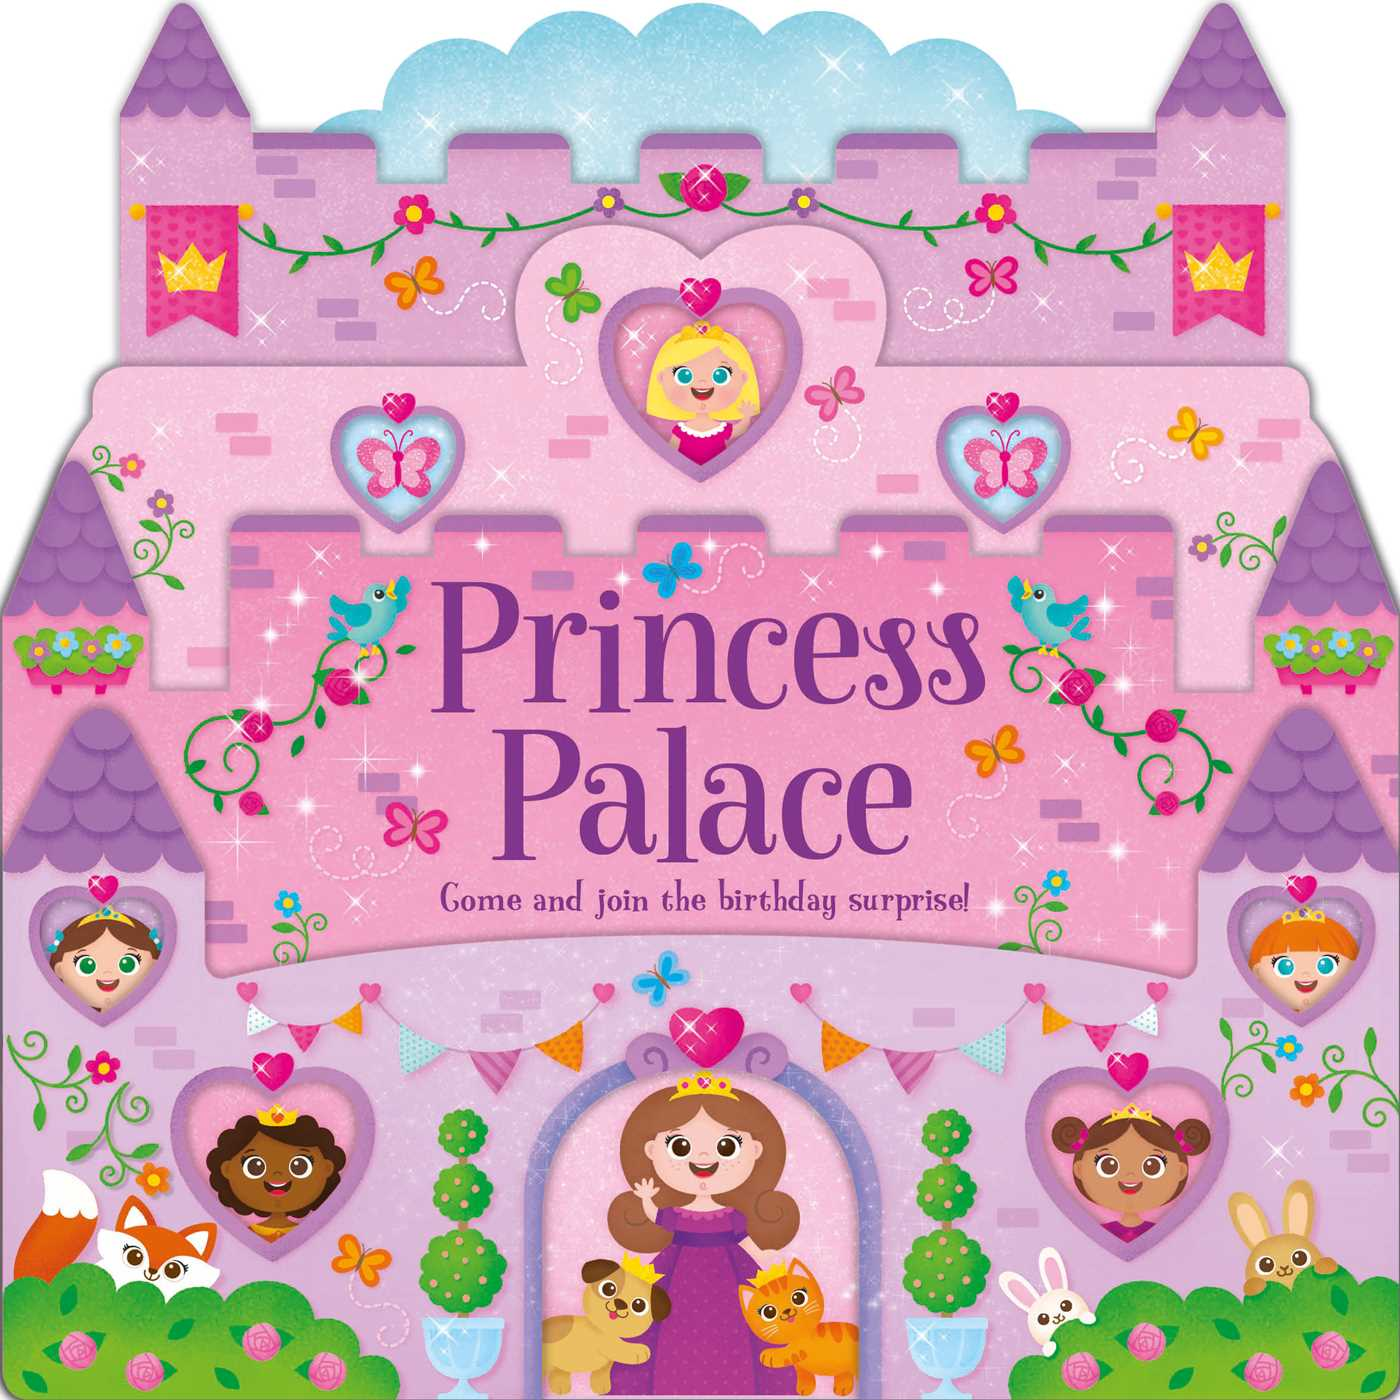 Princess palace 9781499880663 hr